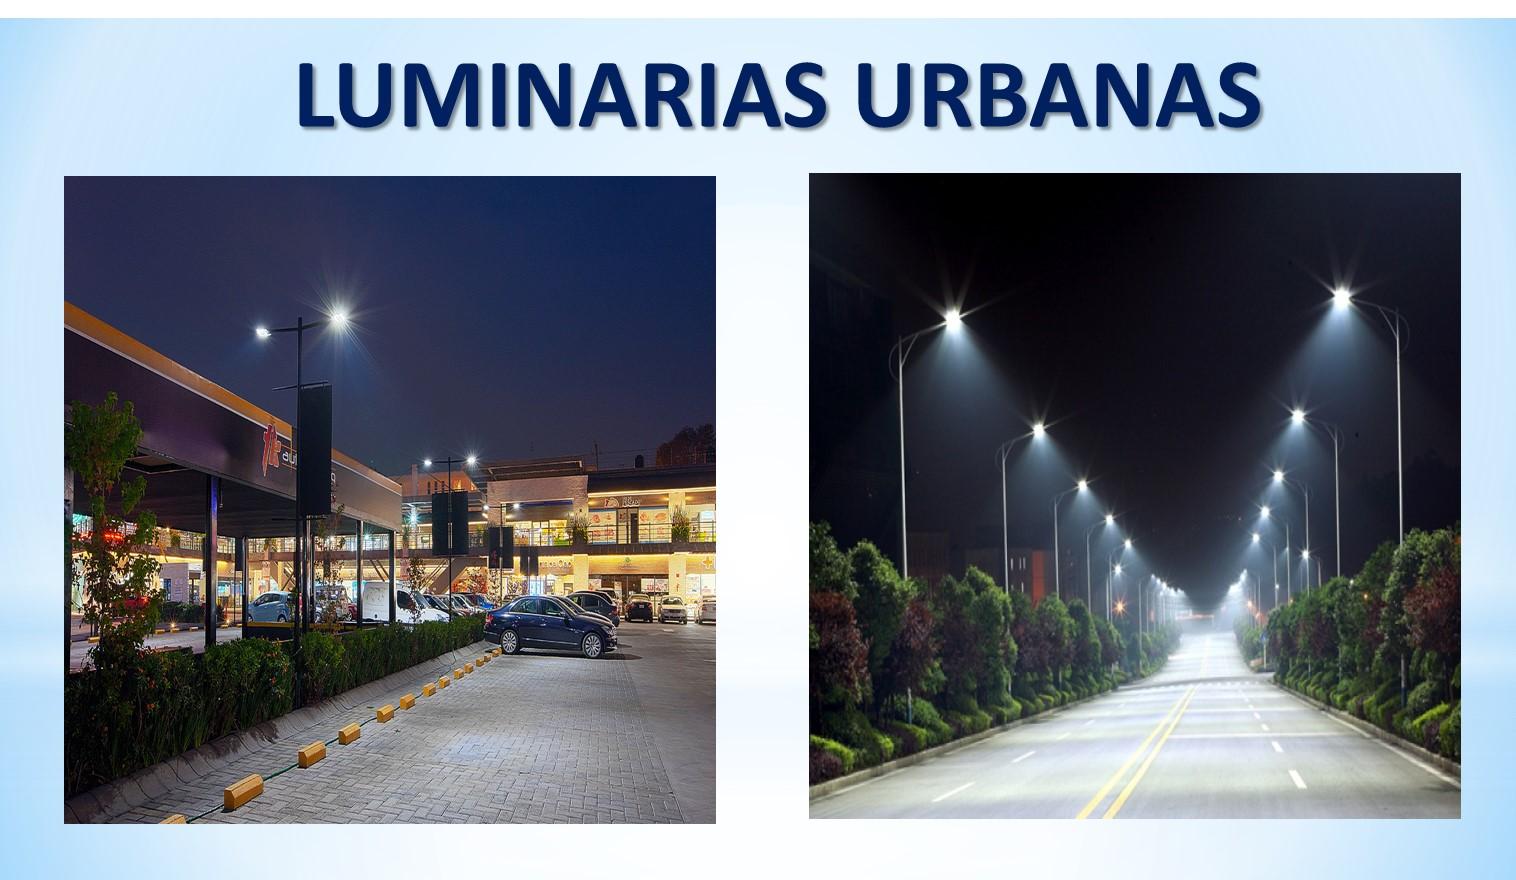 LUMINARIAS URBANAS 1